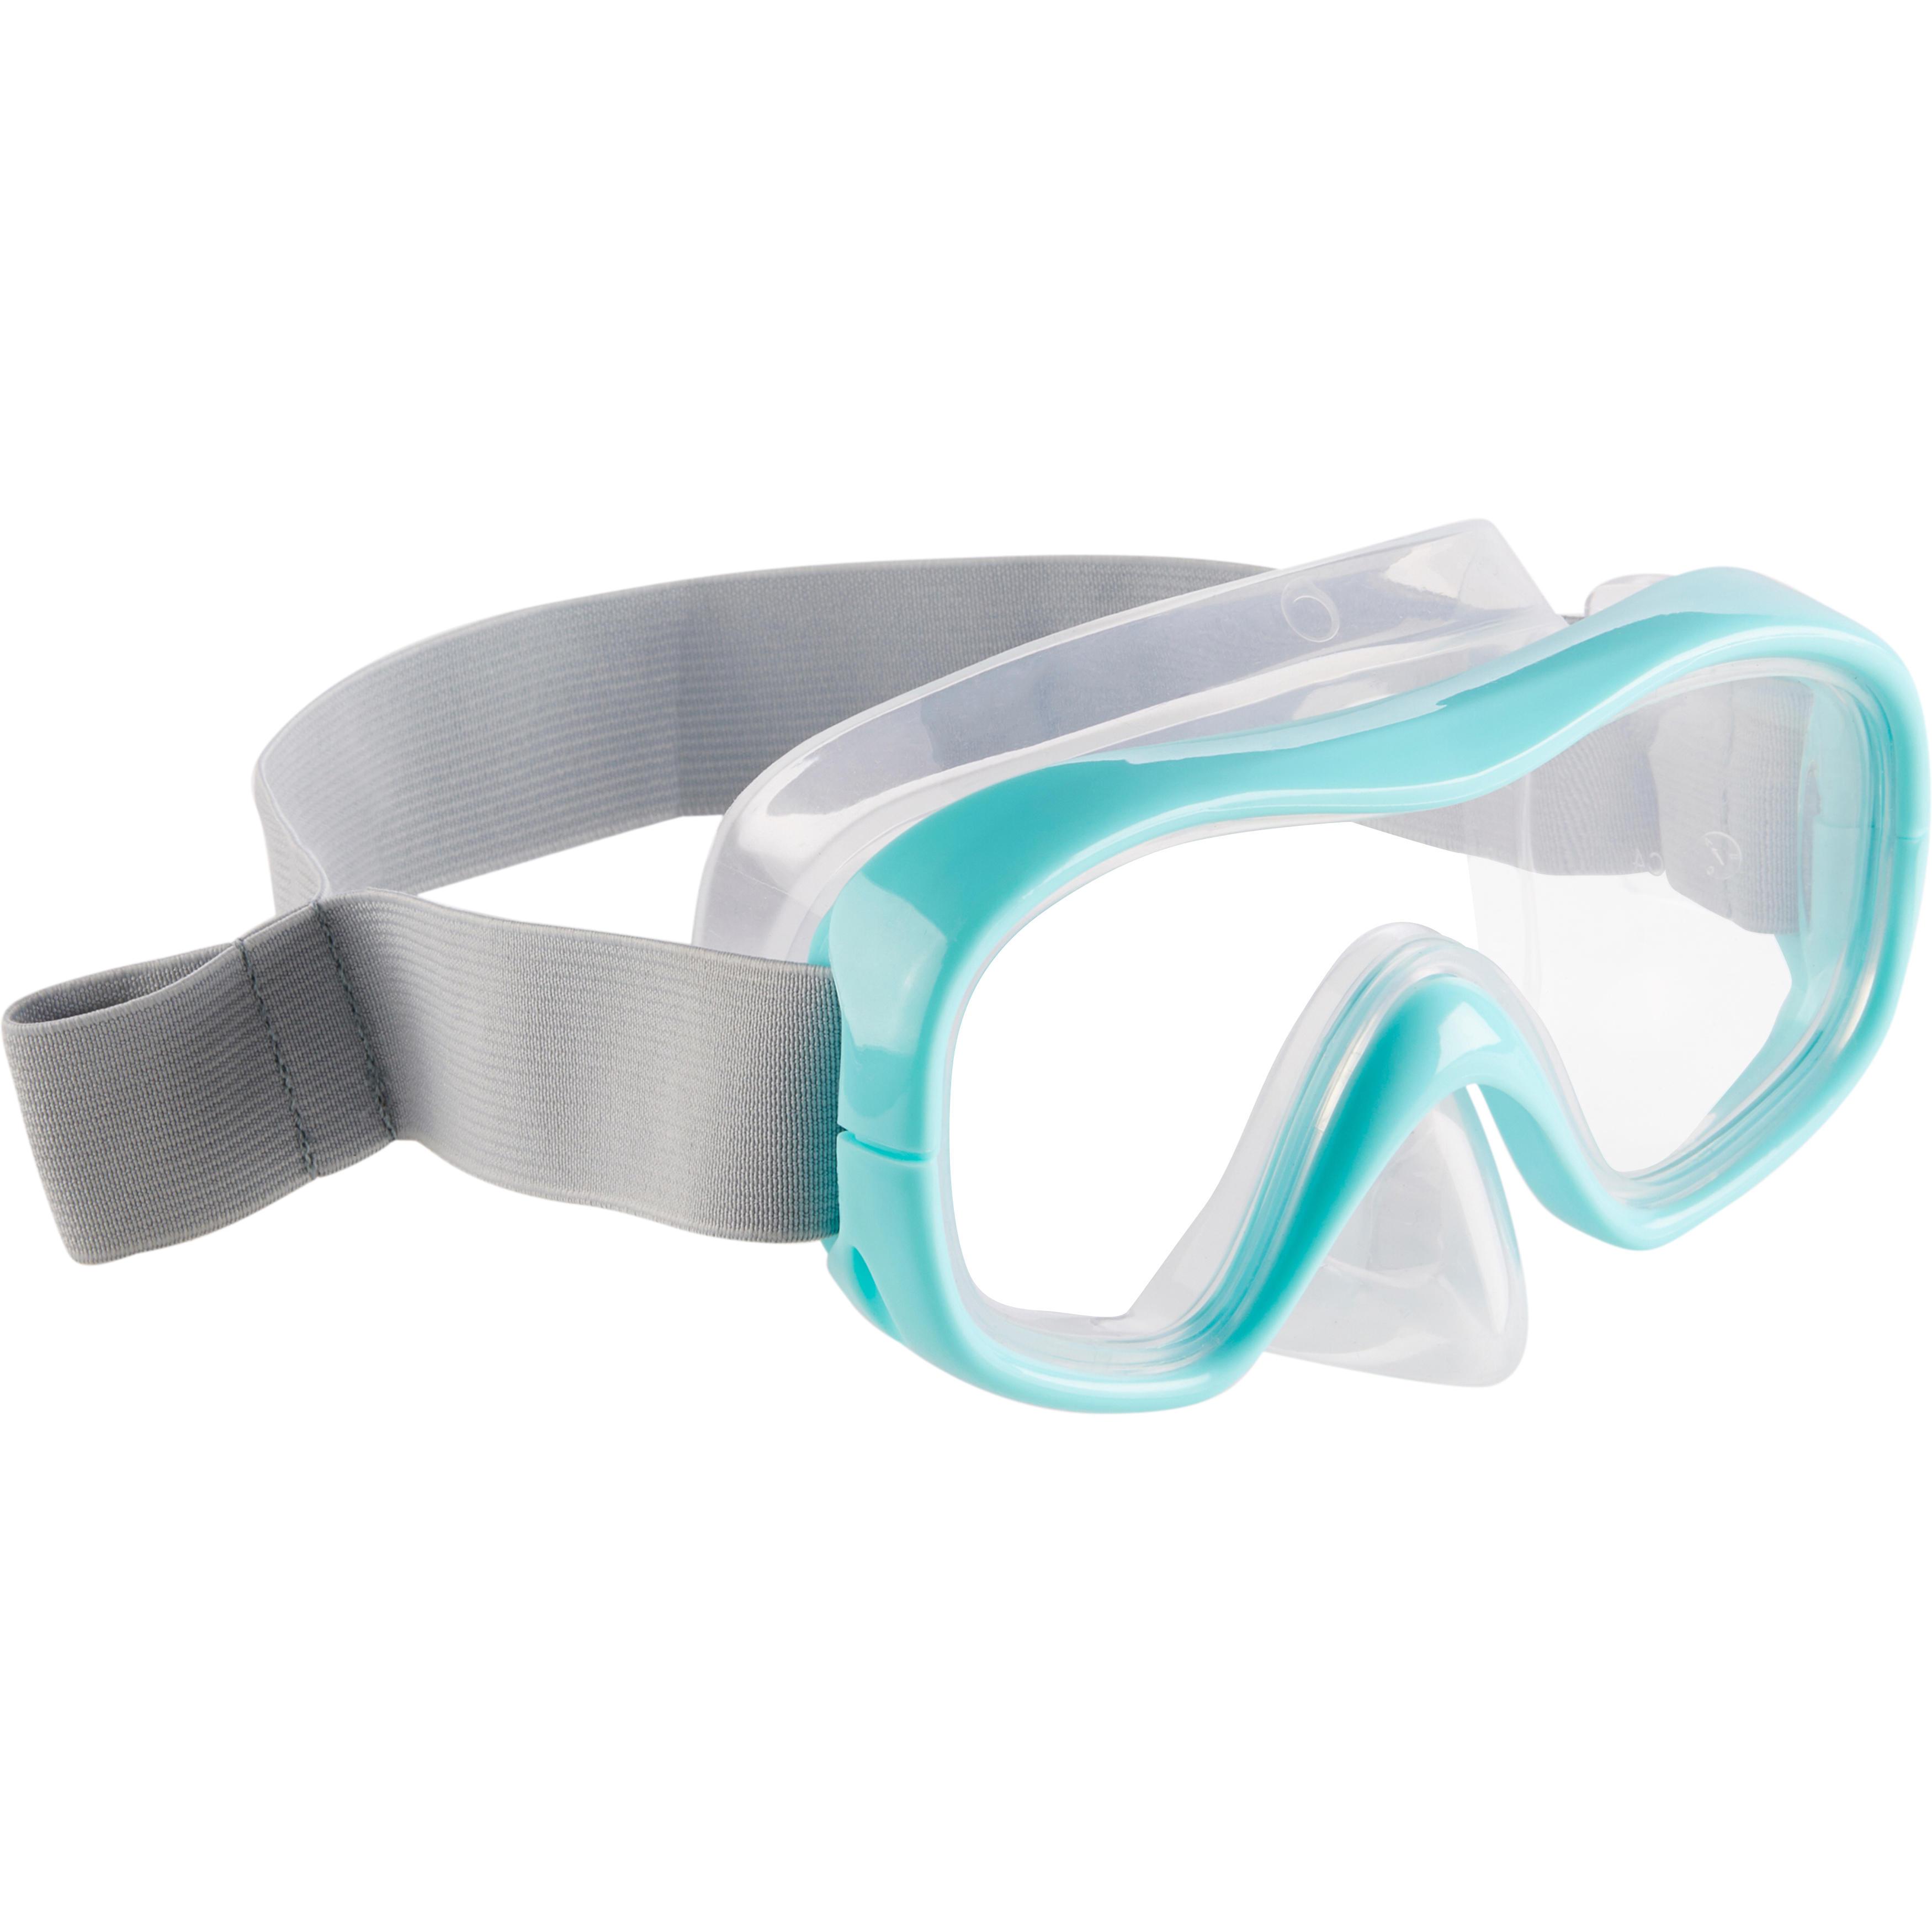 Masque de plongée libre SNK 500 enfant turquoise